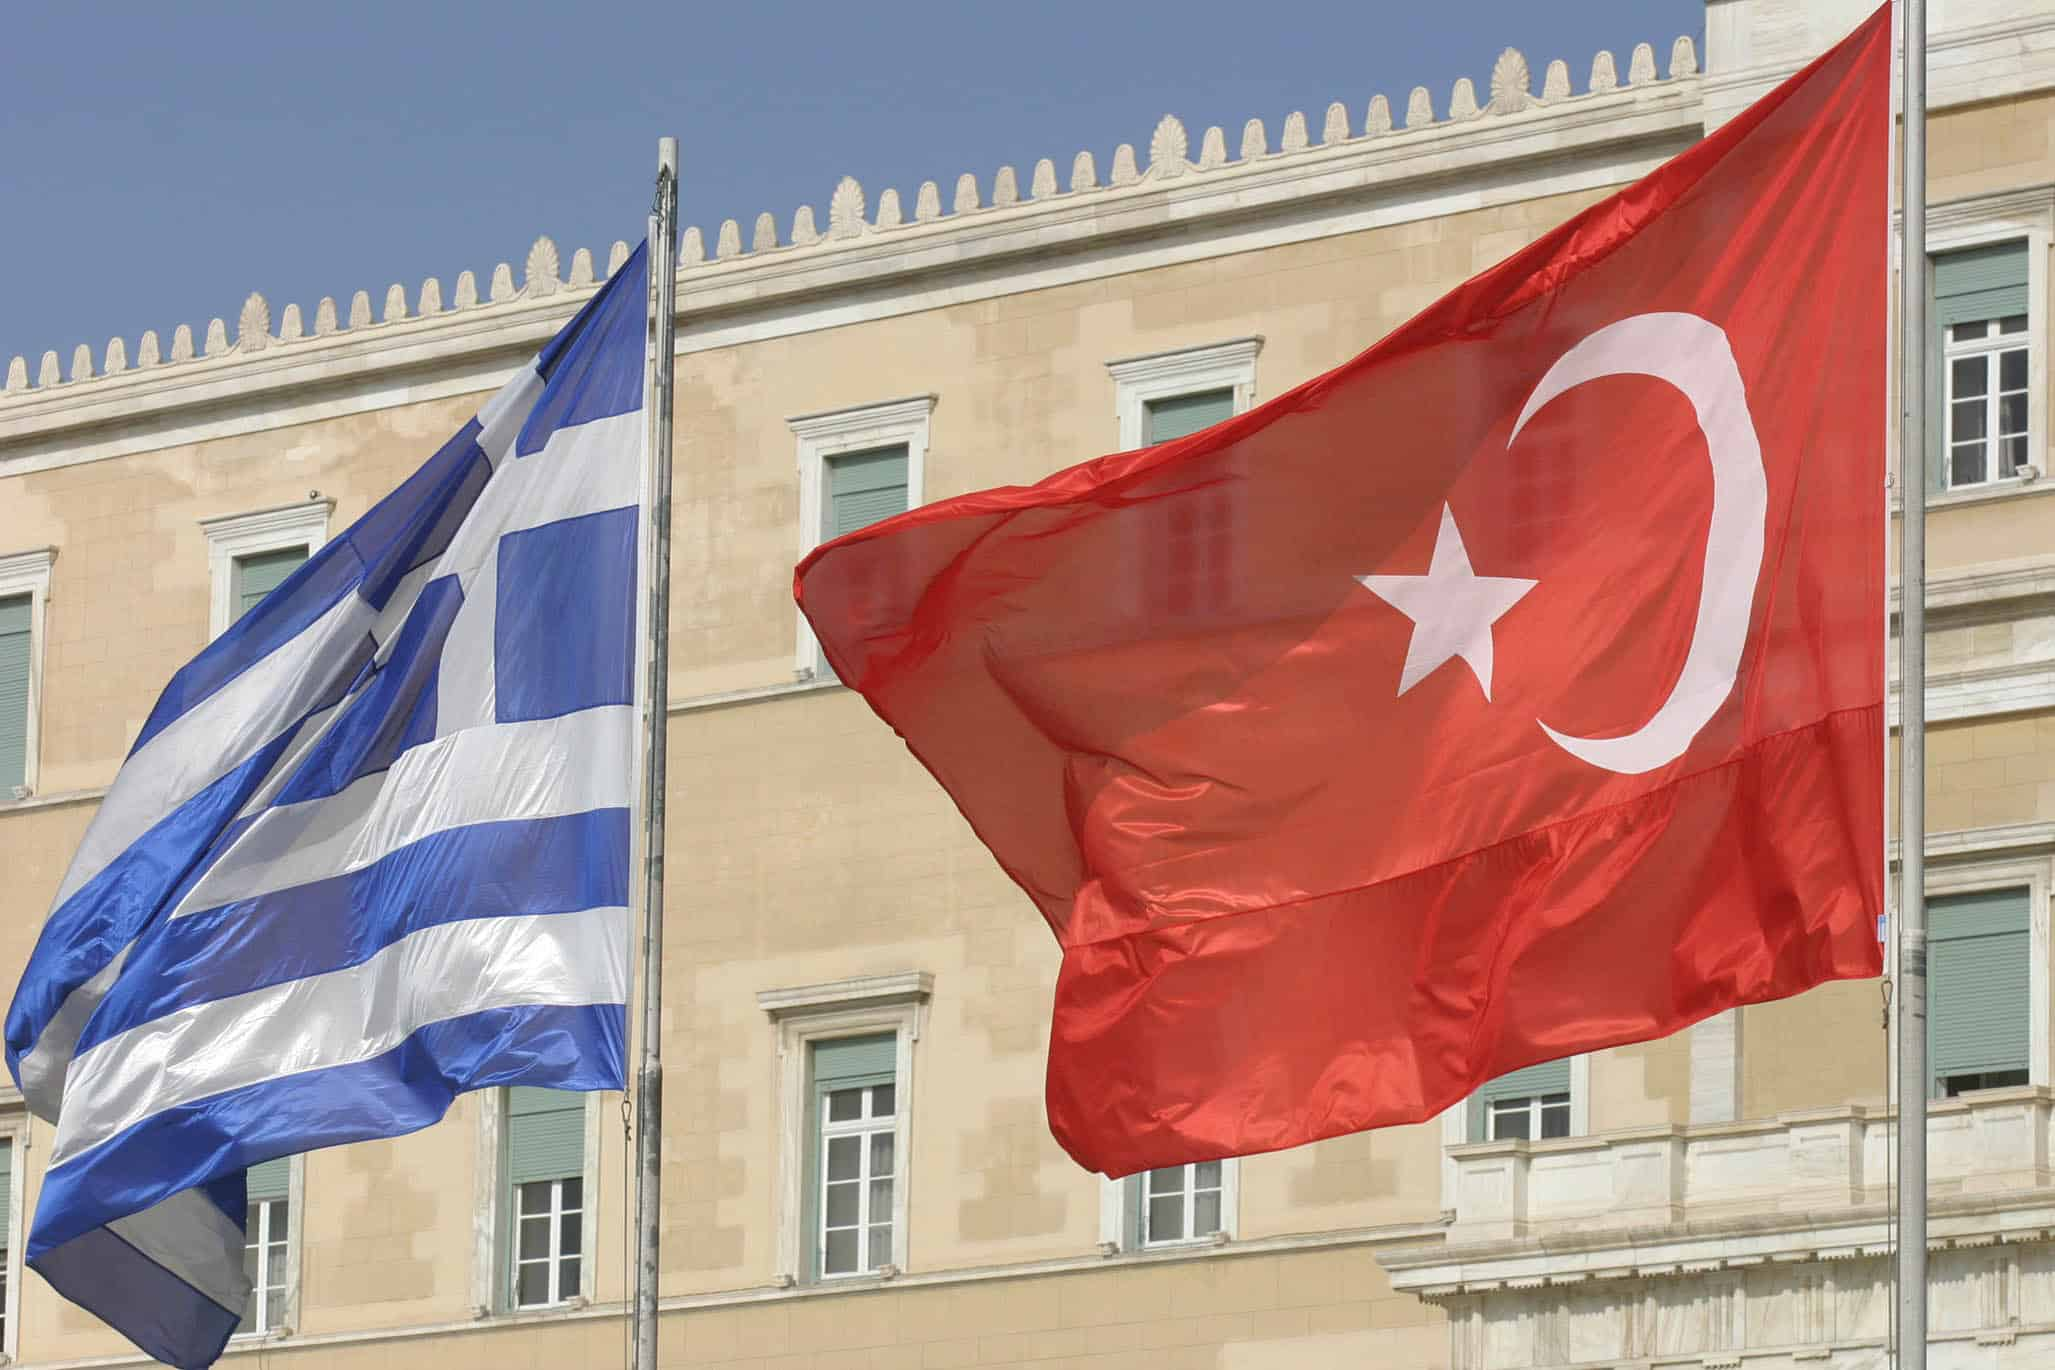 Ελλάδα Τουρκία Ελληνοτουρκικά: Κυβερνητική διγλωσσία και μυστική διπλωματία -Σκληρή γλώσσα από τη μια, μυστική διπλωματία «συνδιαλλαγής» από την άλλη Ελλάδα - Τουρκία: Οι δηλώσεις «Μπριζίτ Μπαρντό» στα εθνικά θέματα